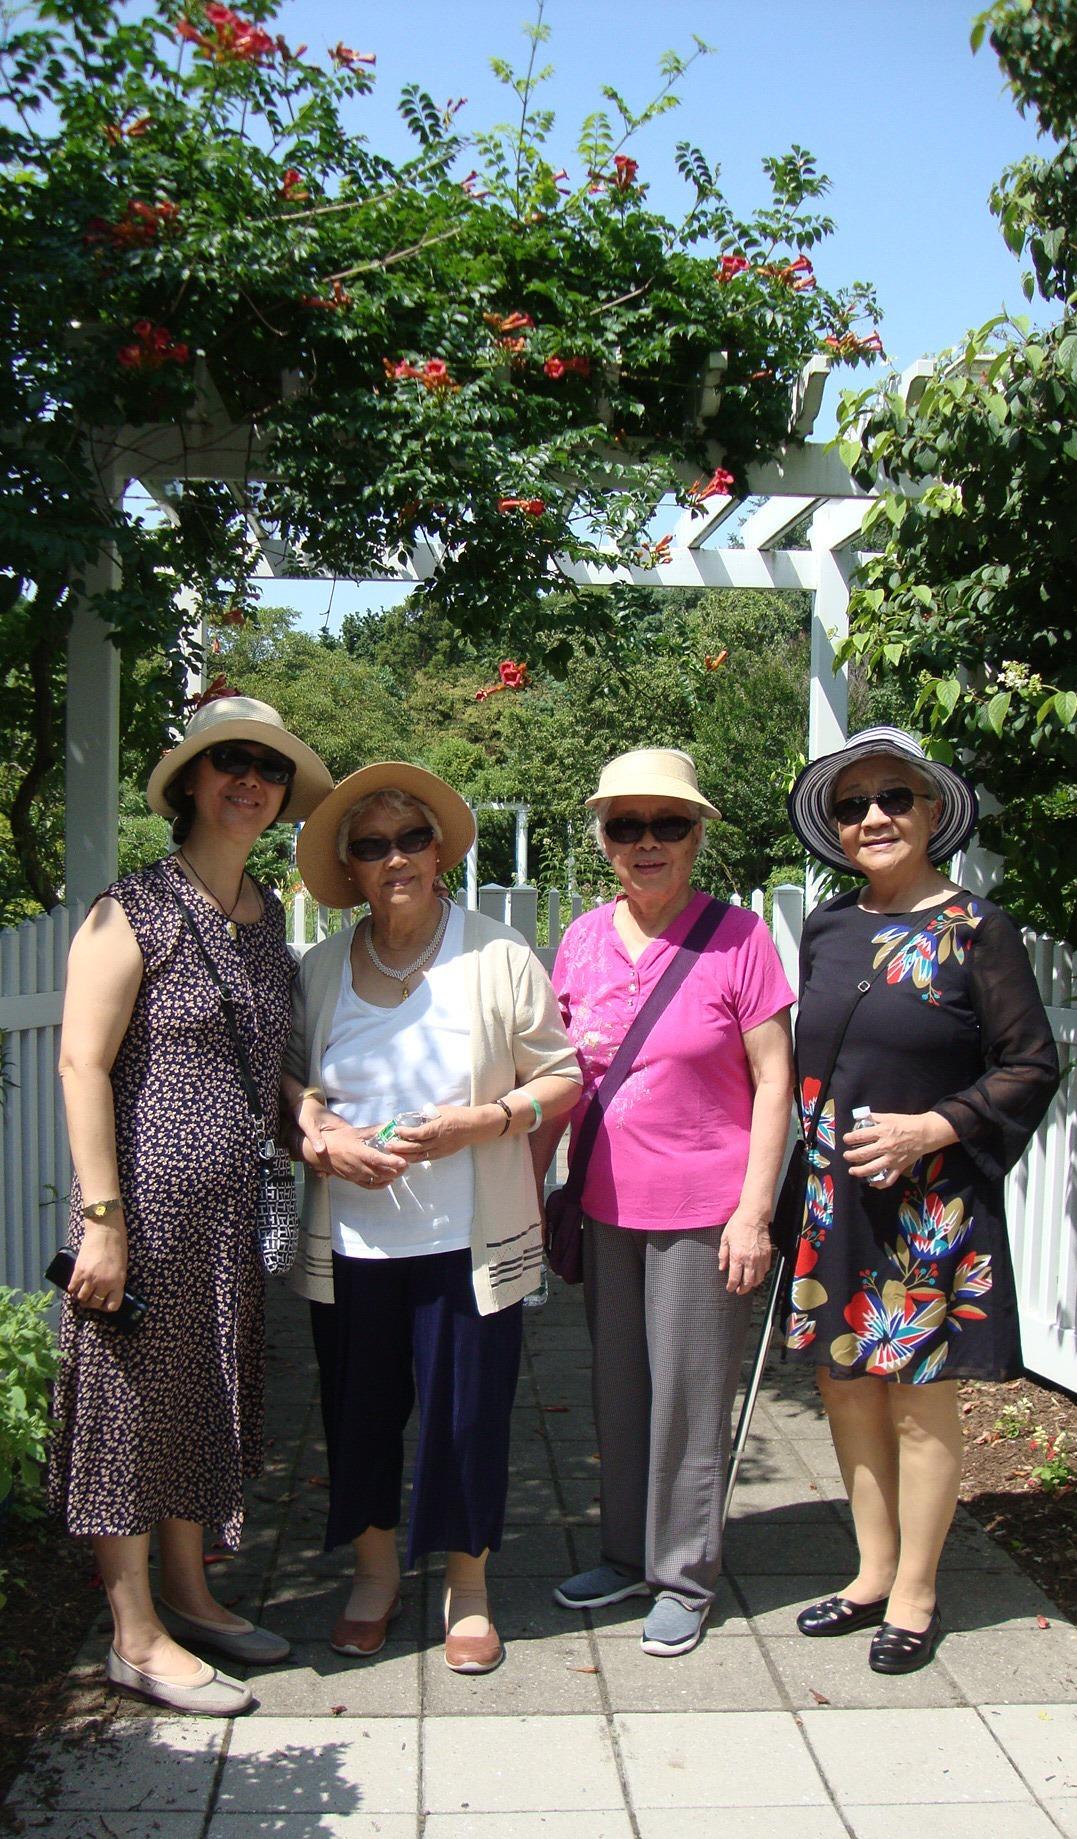 Trip to botanical garden pic 2